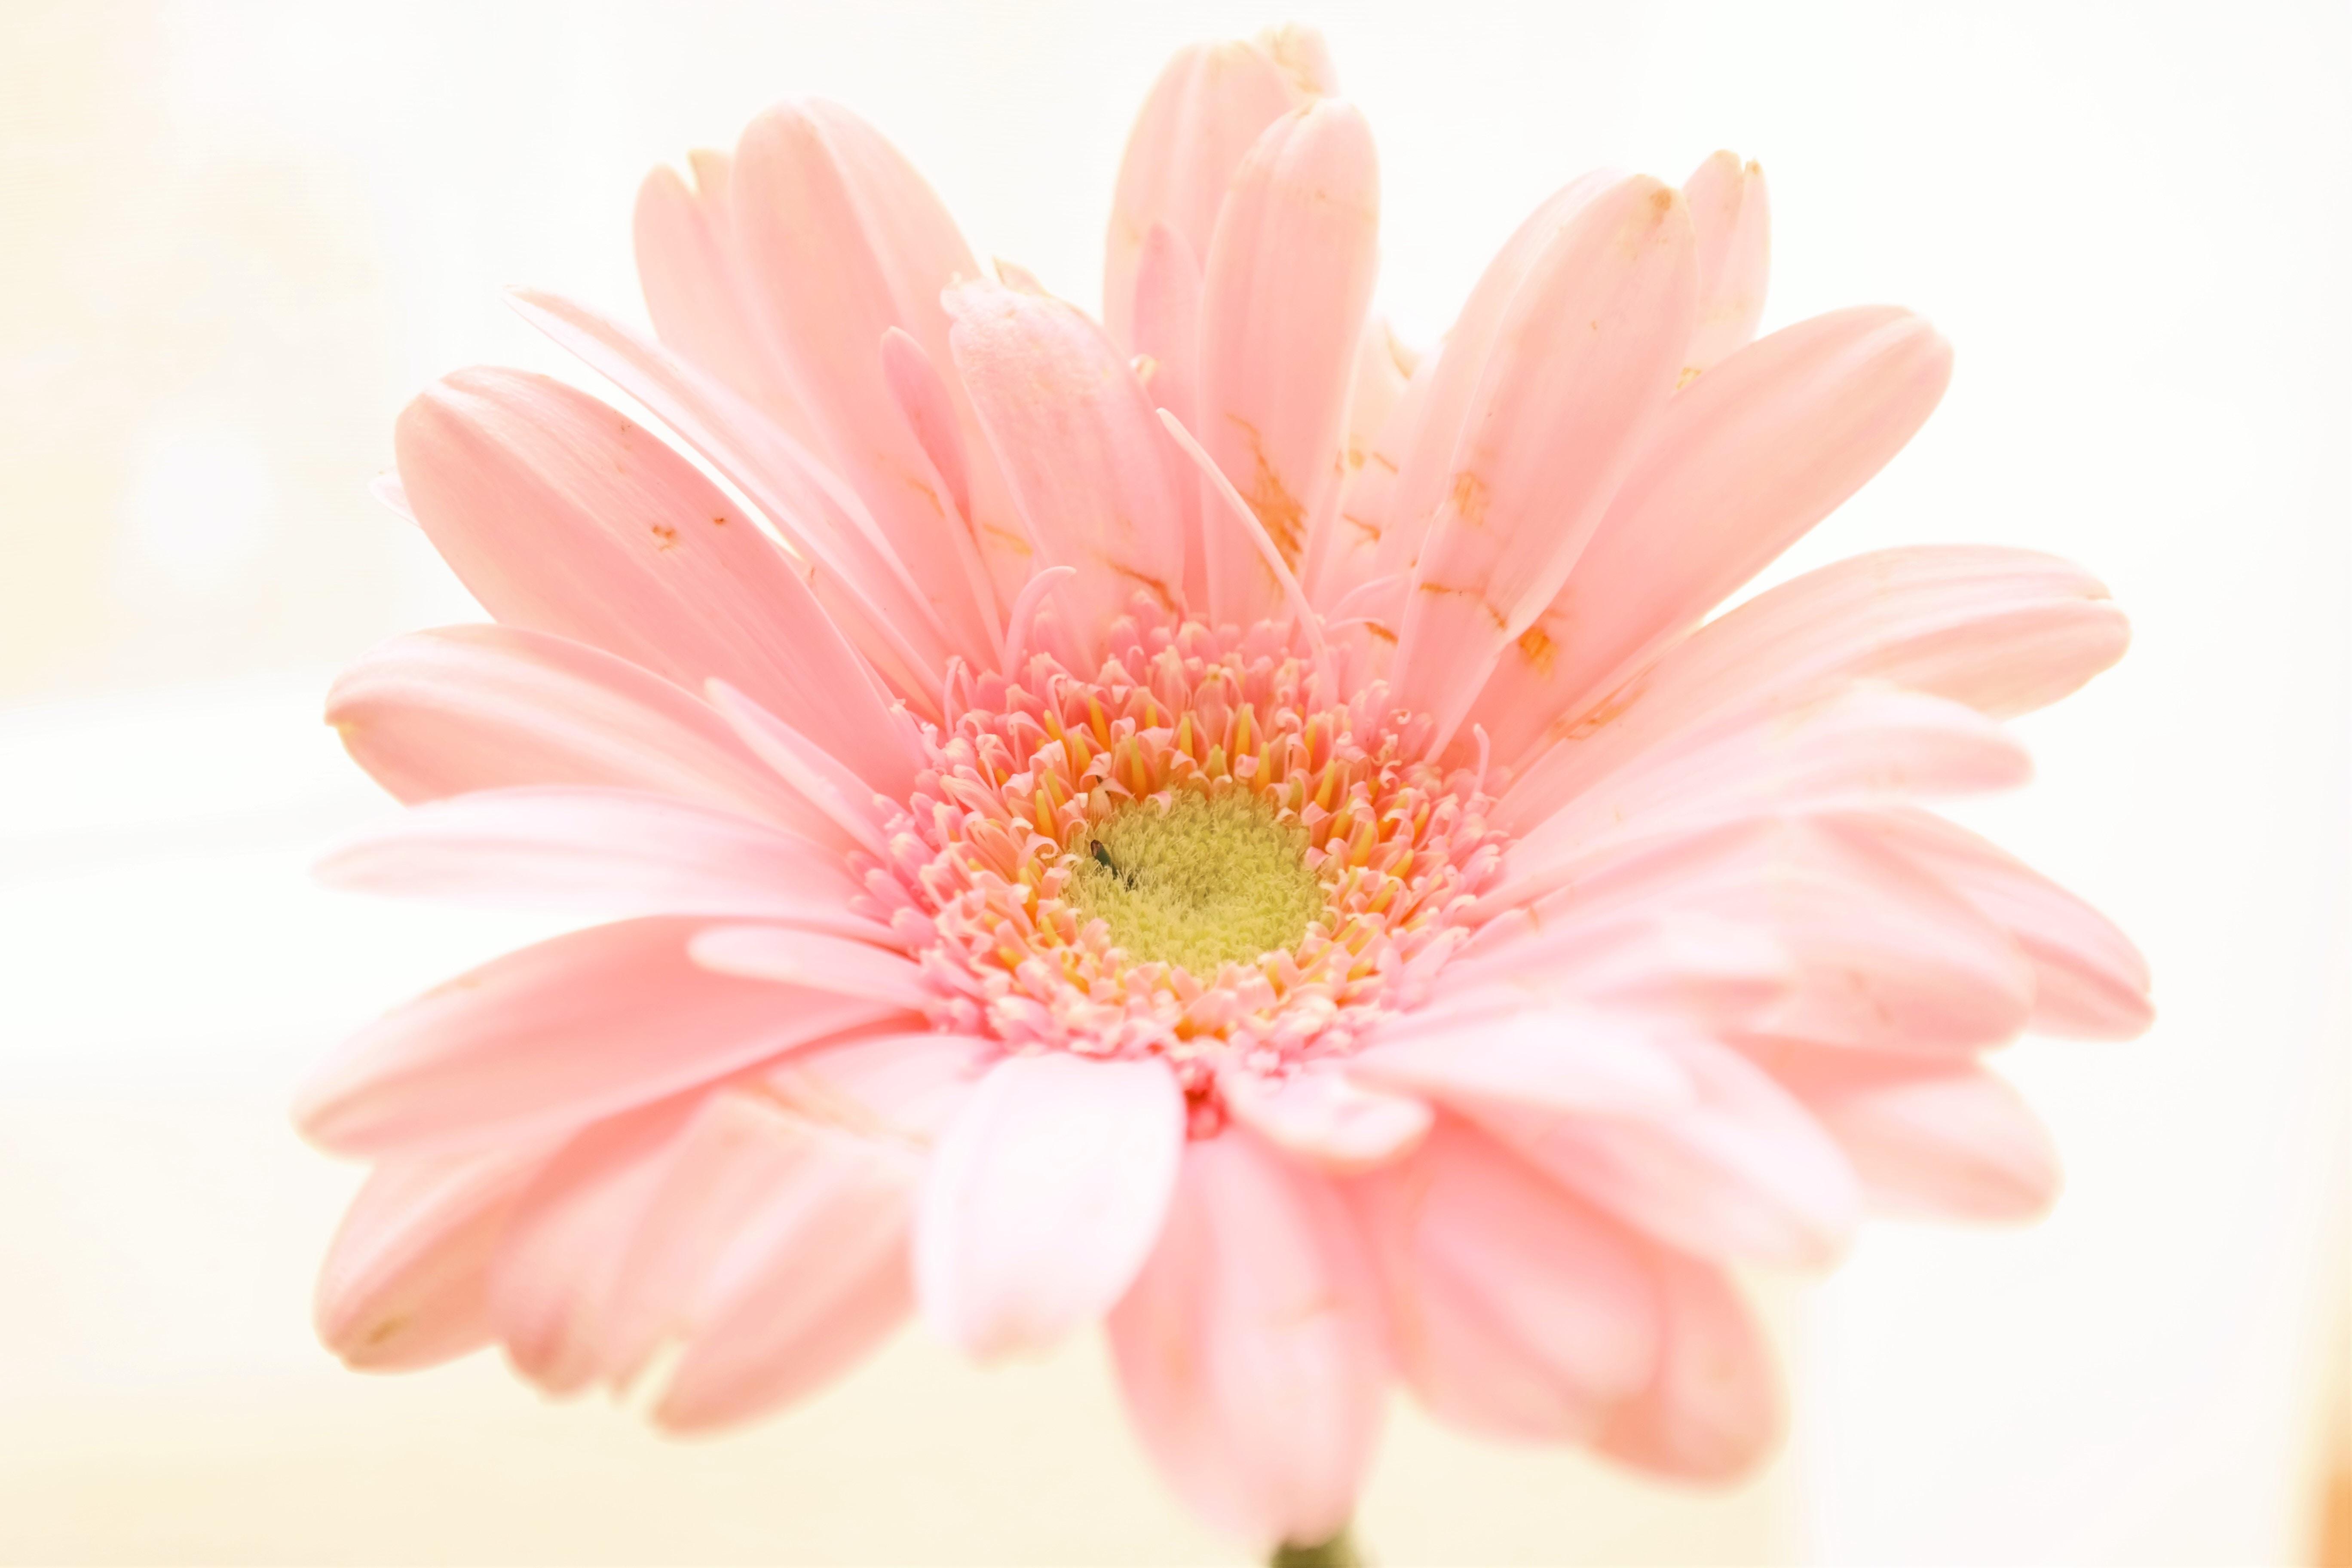 pink daisy flower in bloom